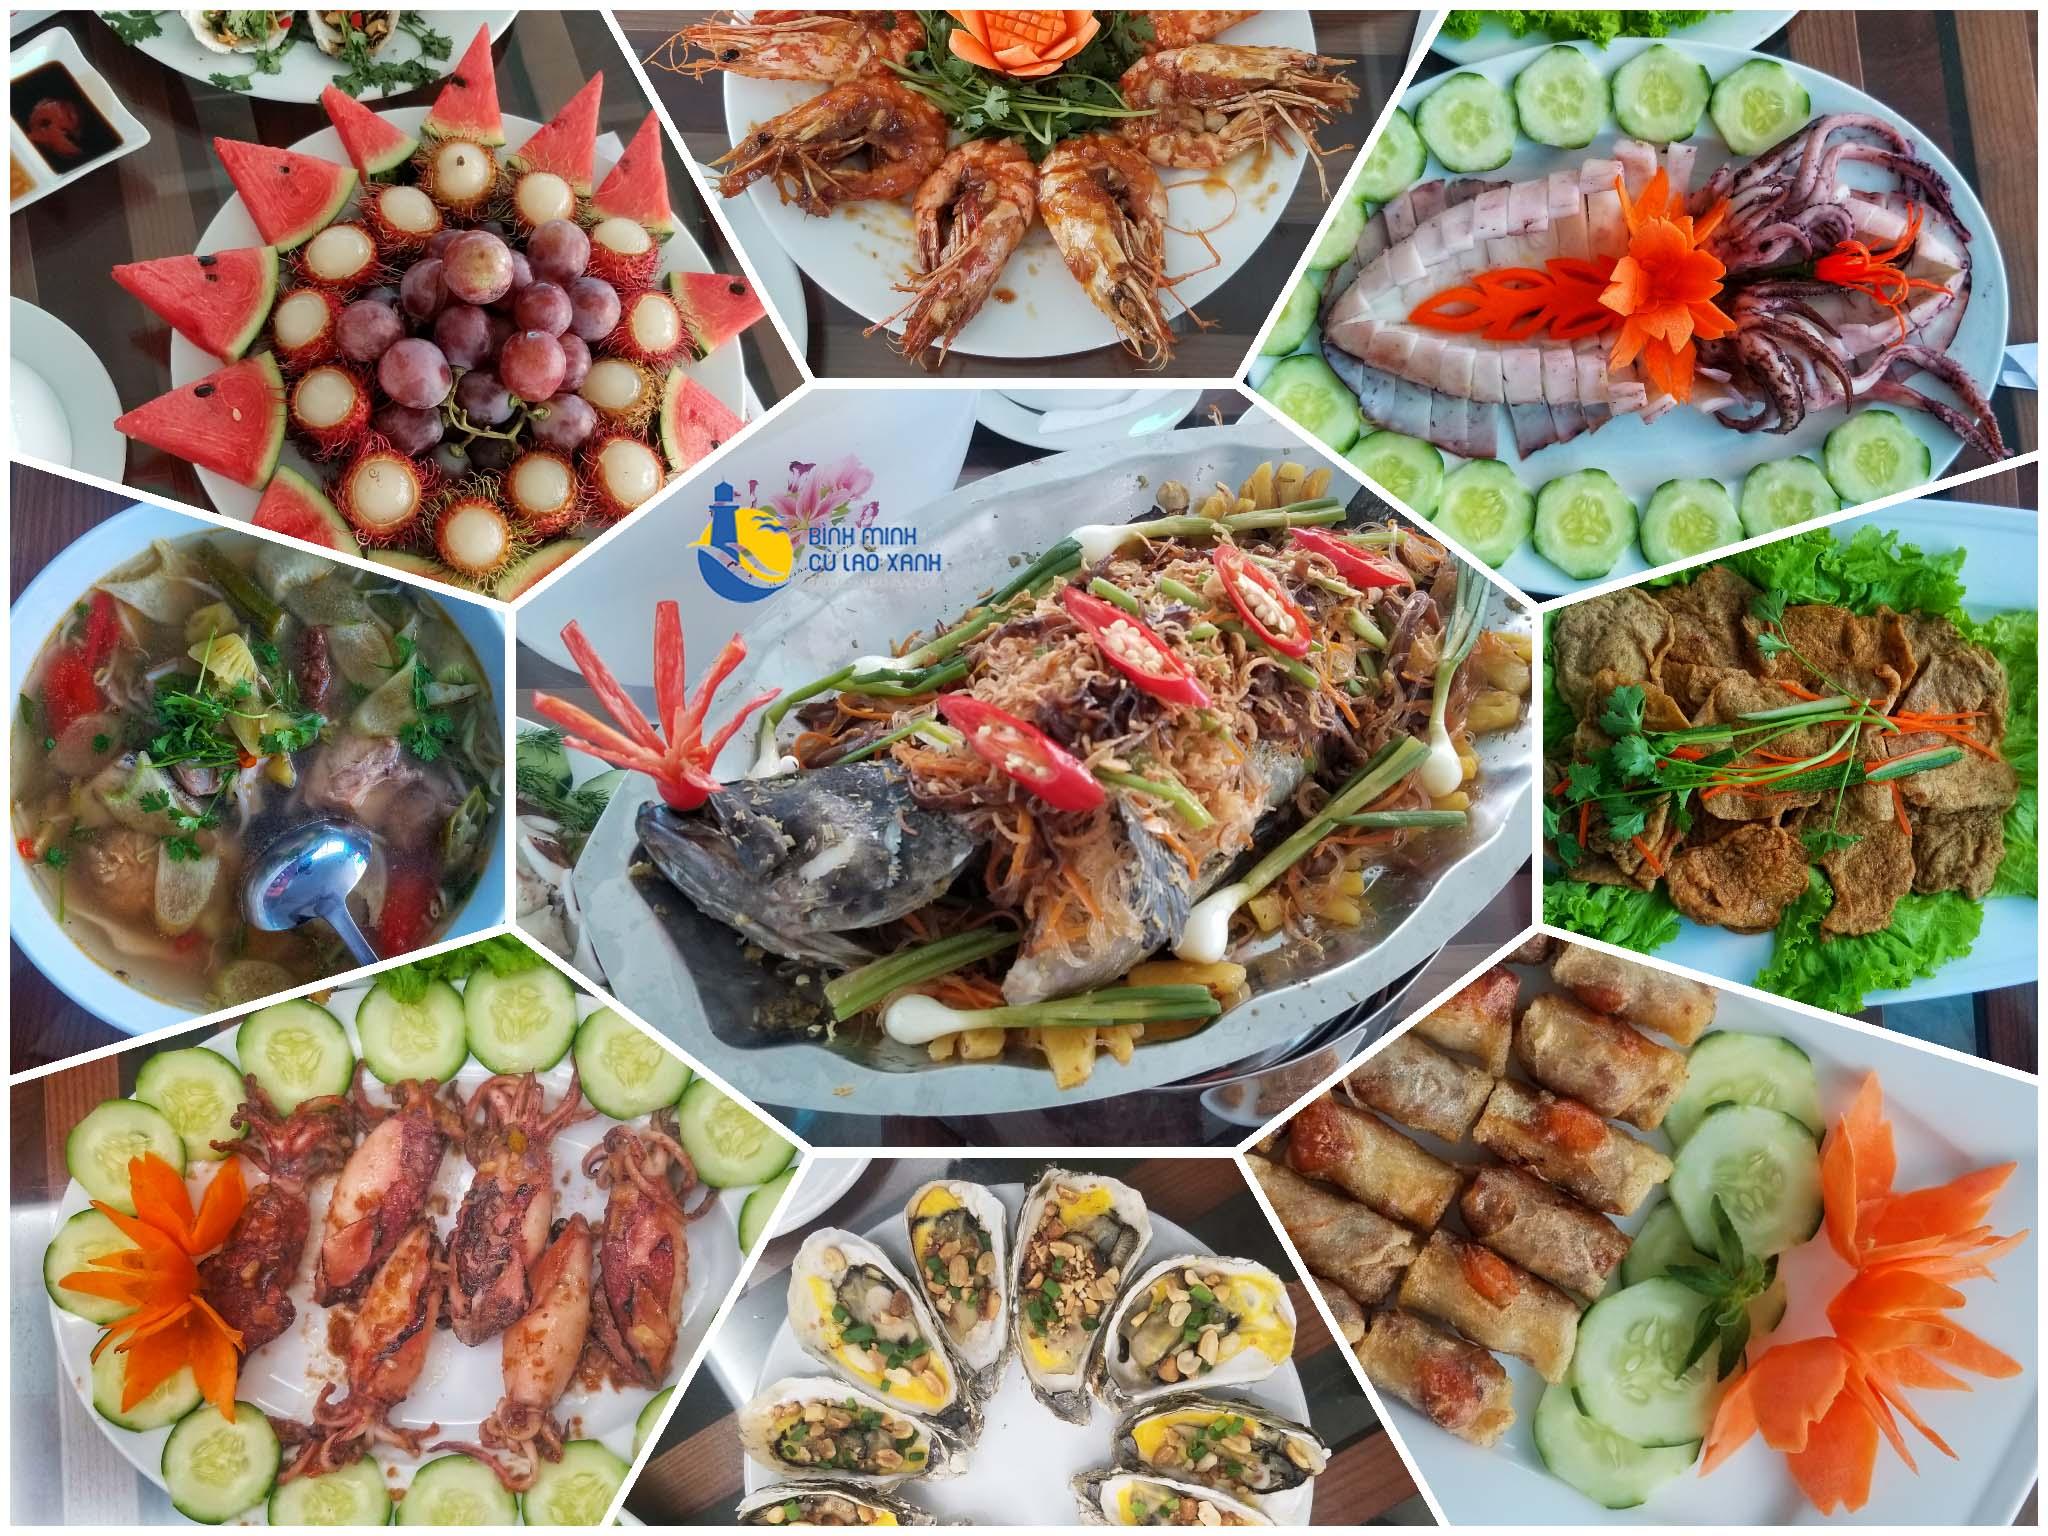 ẩm thực cù lao xanh